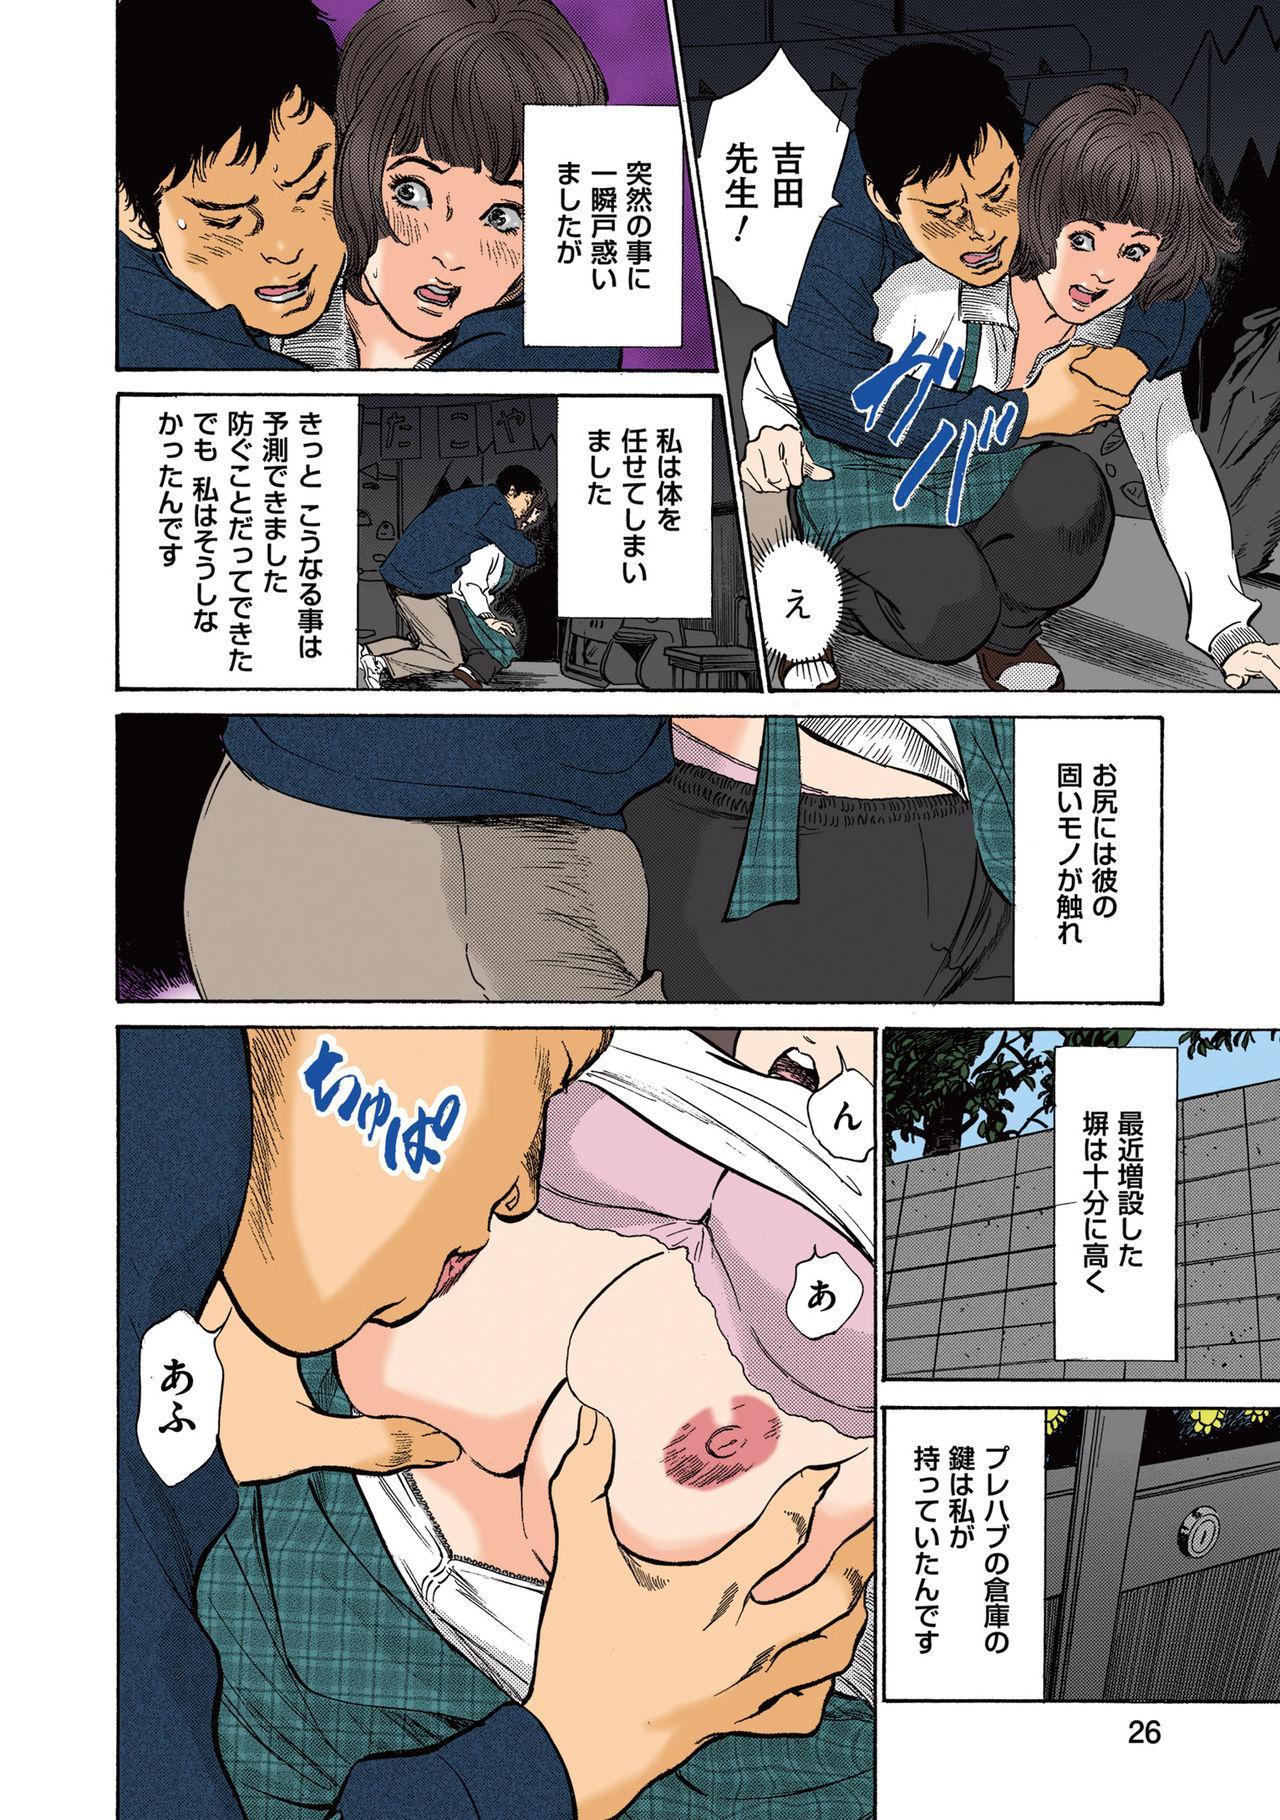 [Hazuki Kaoru] Hazuki Kaoru no Tamaranai Hanashi (Full Color Version) 2-1 25